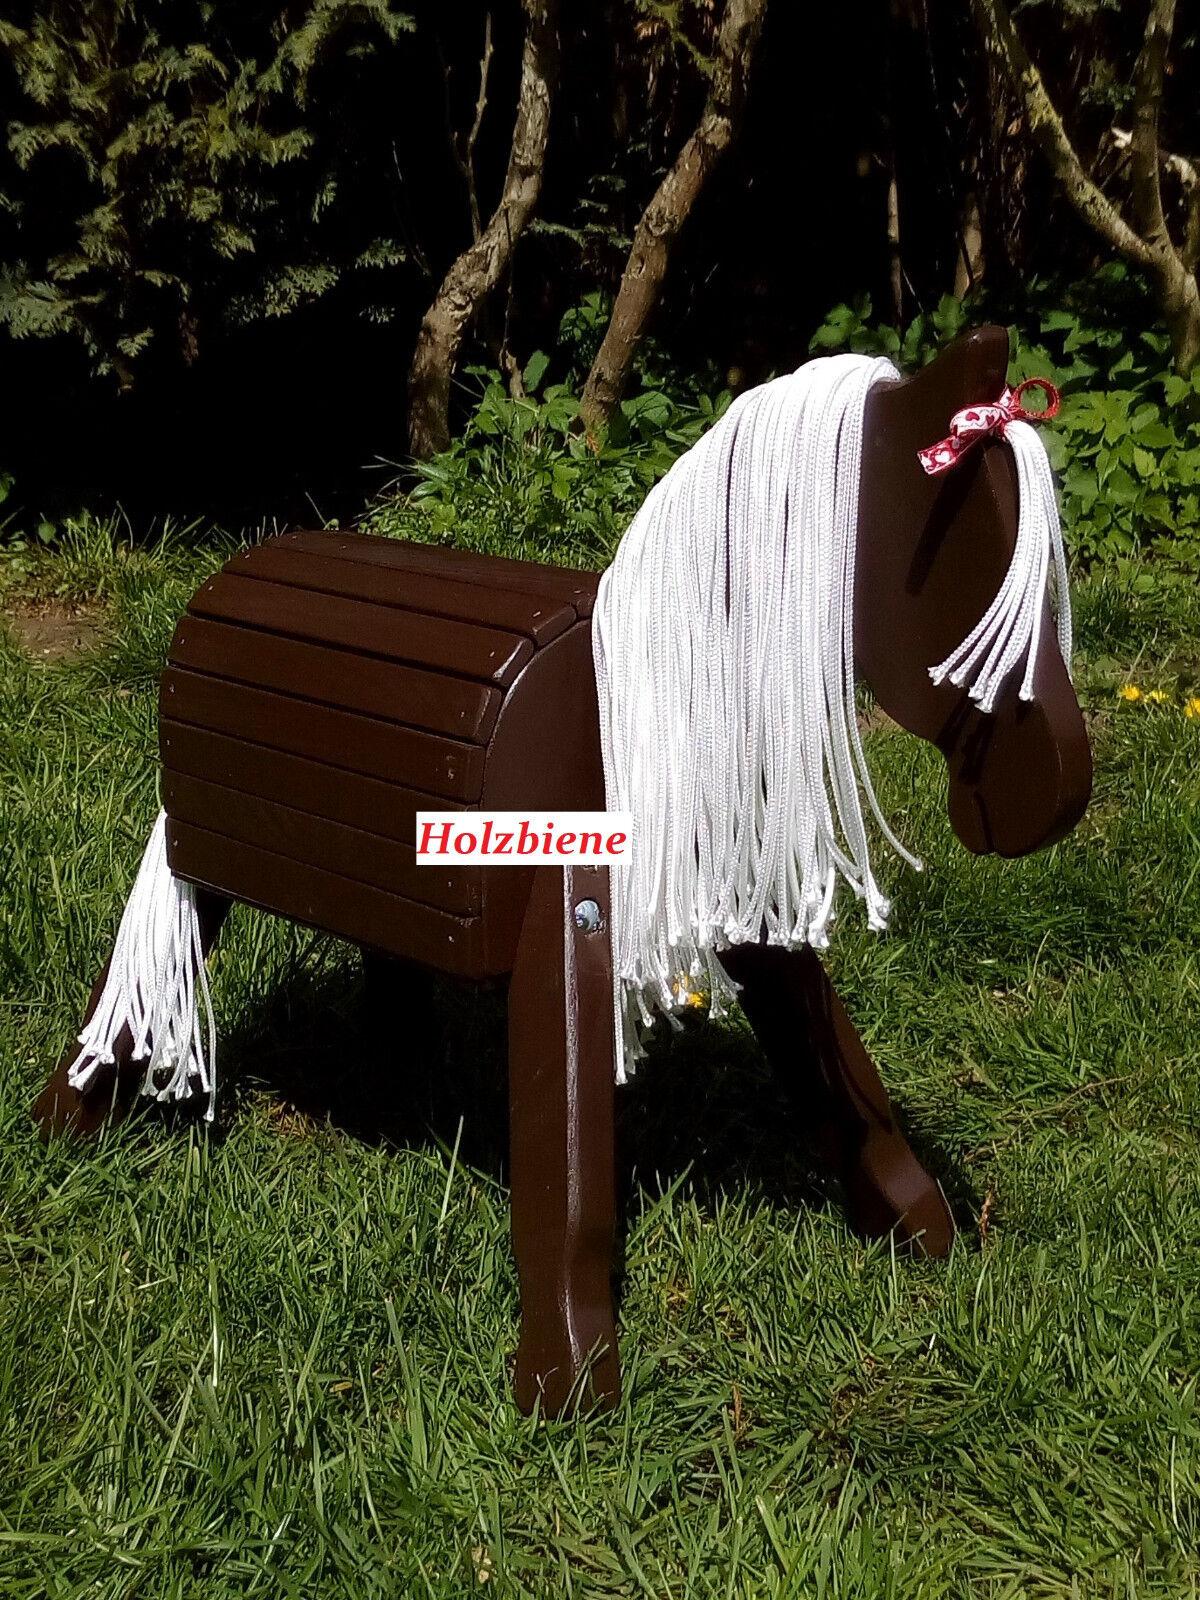 Holzpferd, Holzpony, Pony,  34cm Stockmaß, dunkelbraun,  NEU